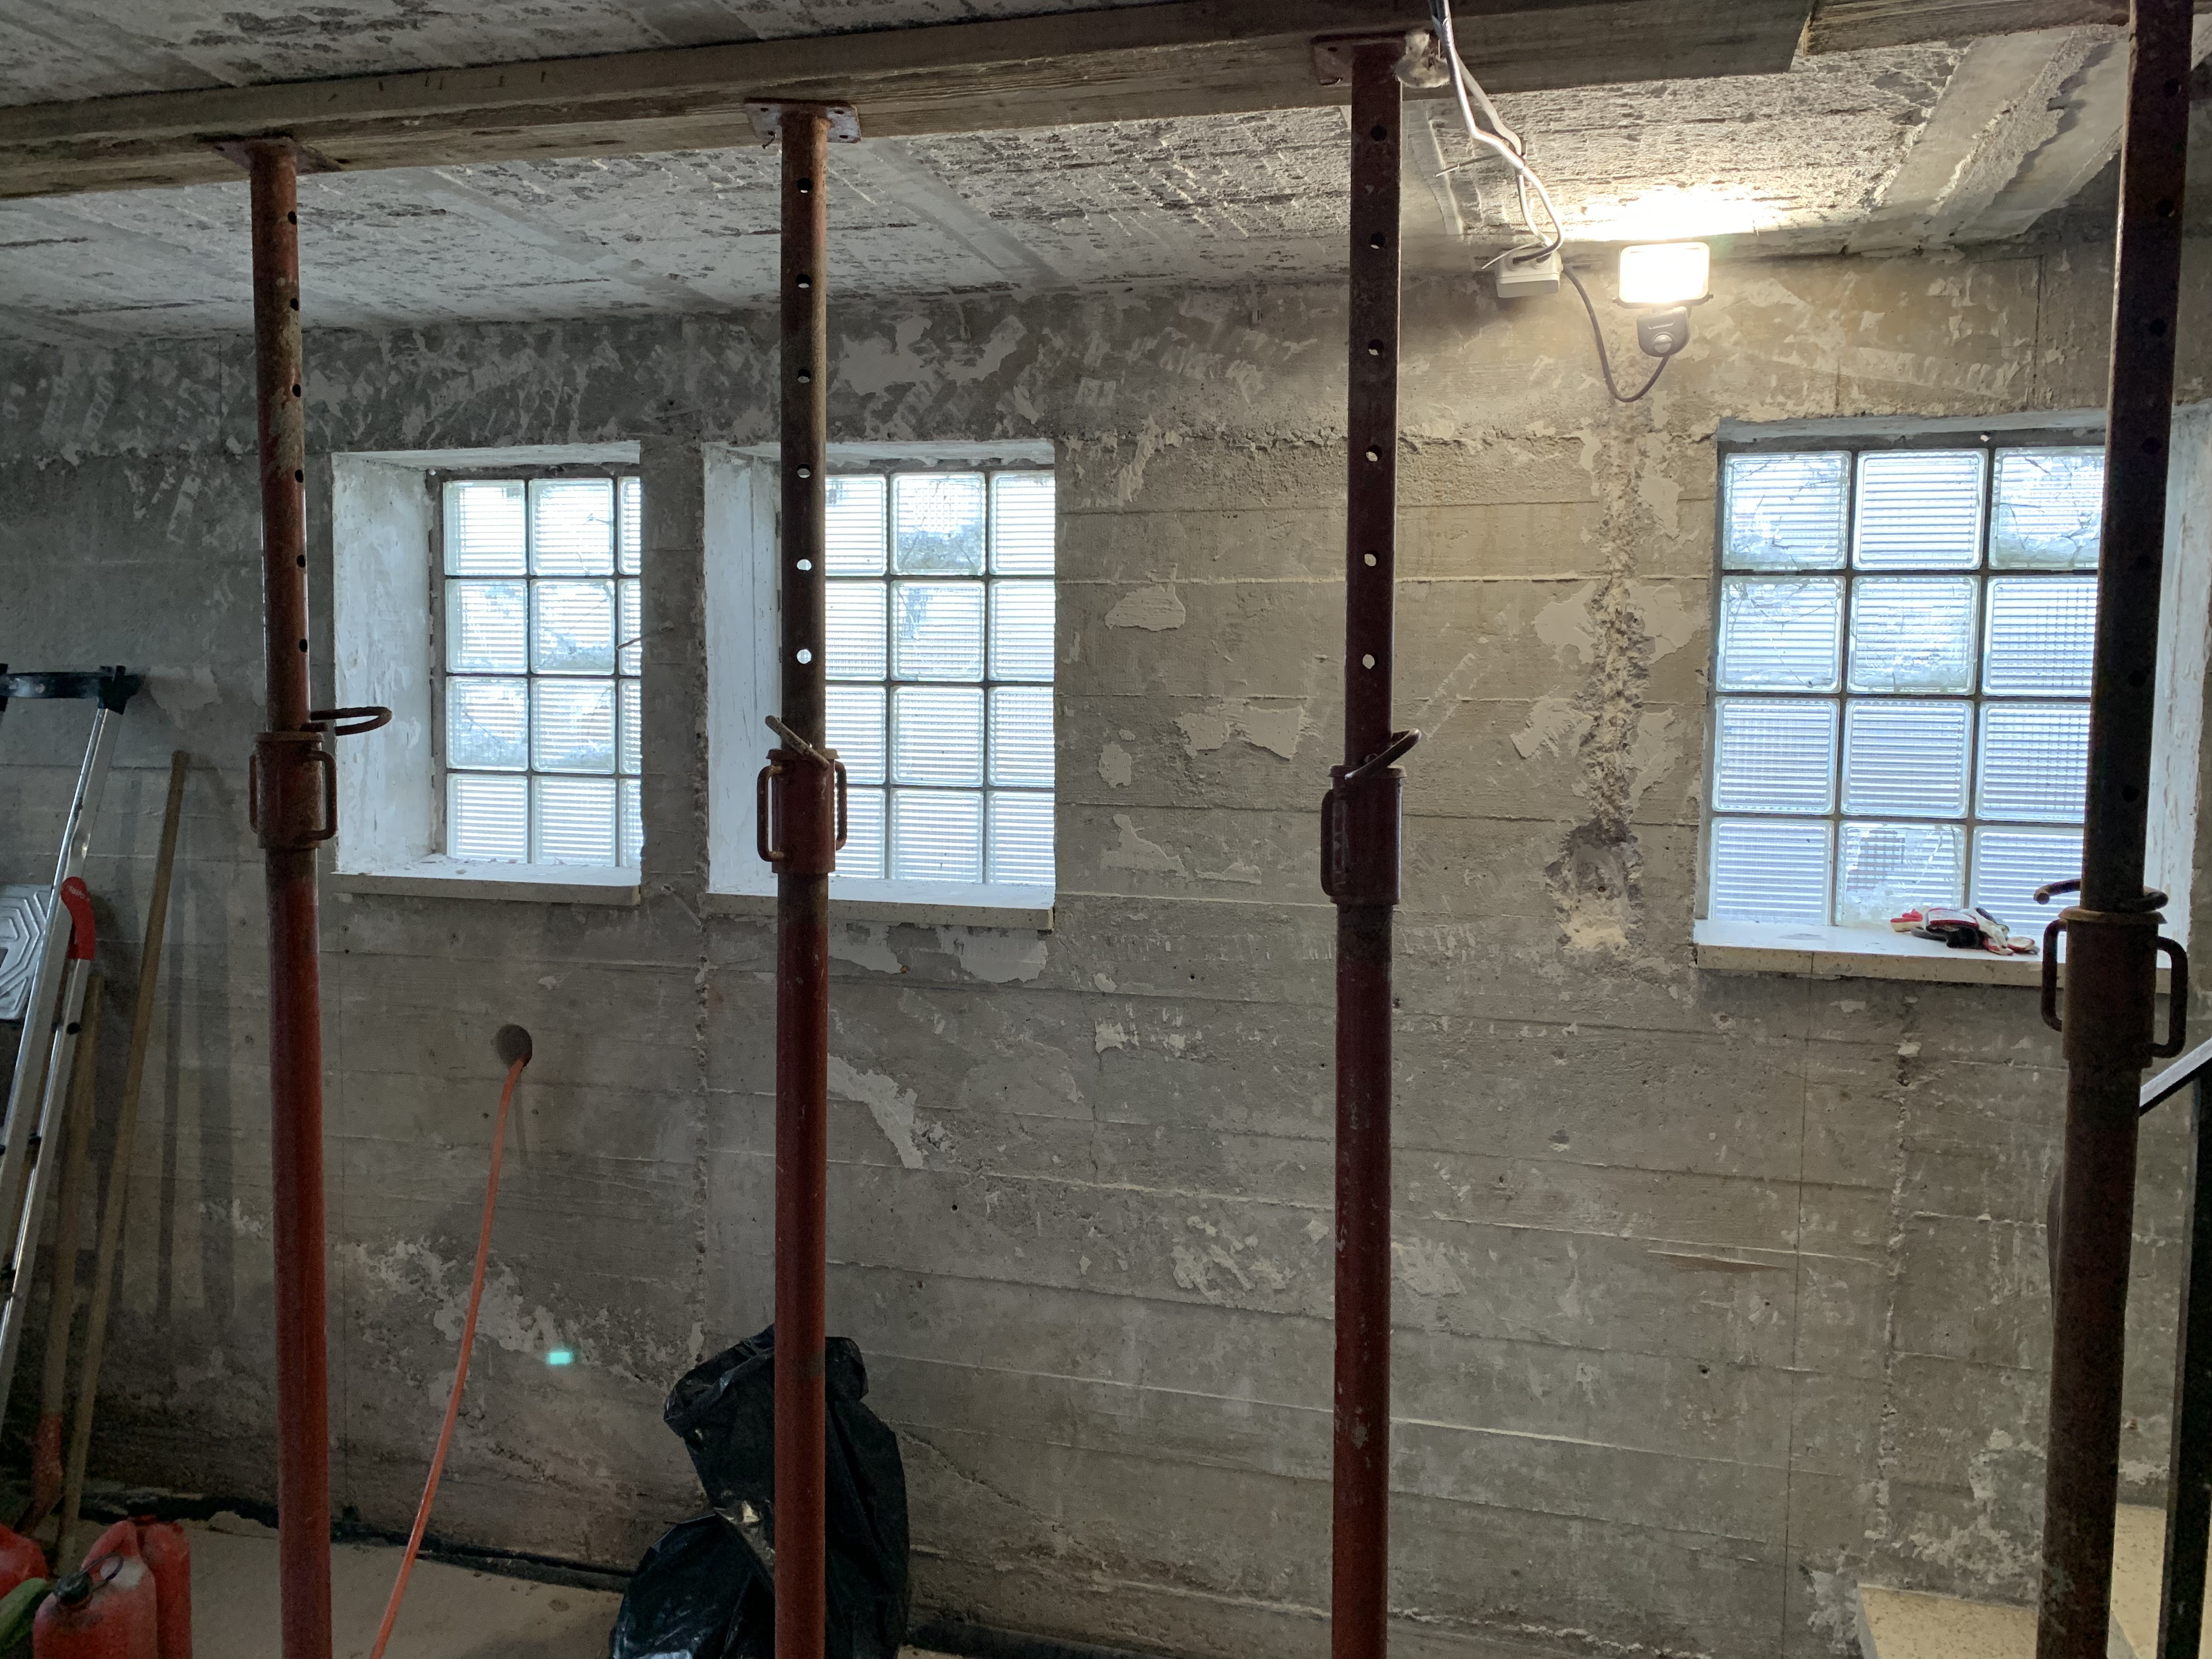 Faire Une Fenetre Dans Un Mur Porteur Prix je fait une ouverture sur un mur porteur qui est en béton